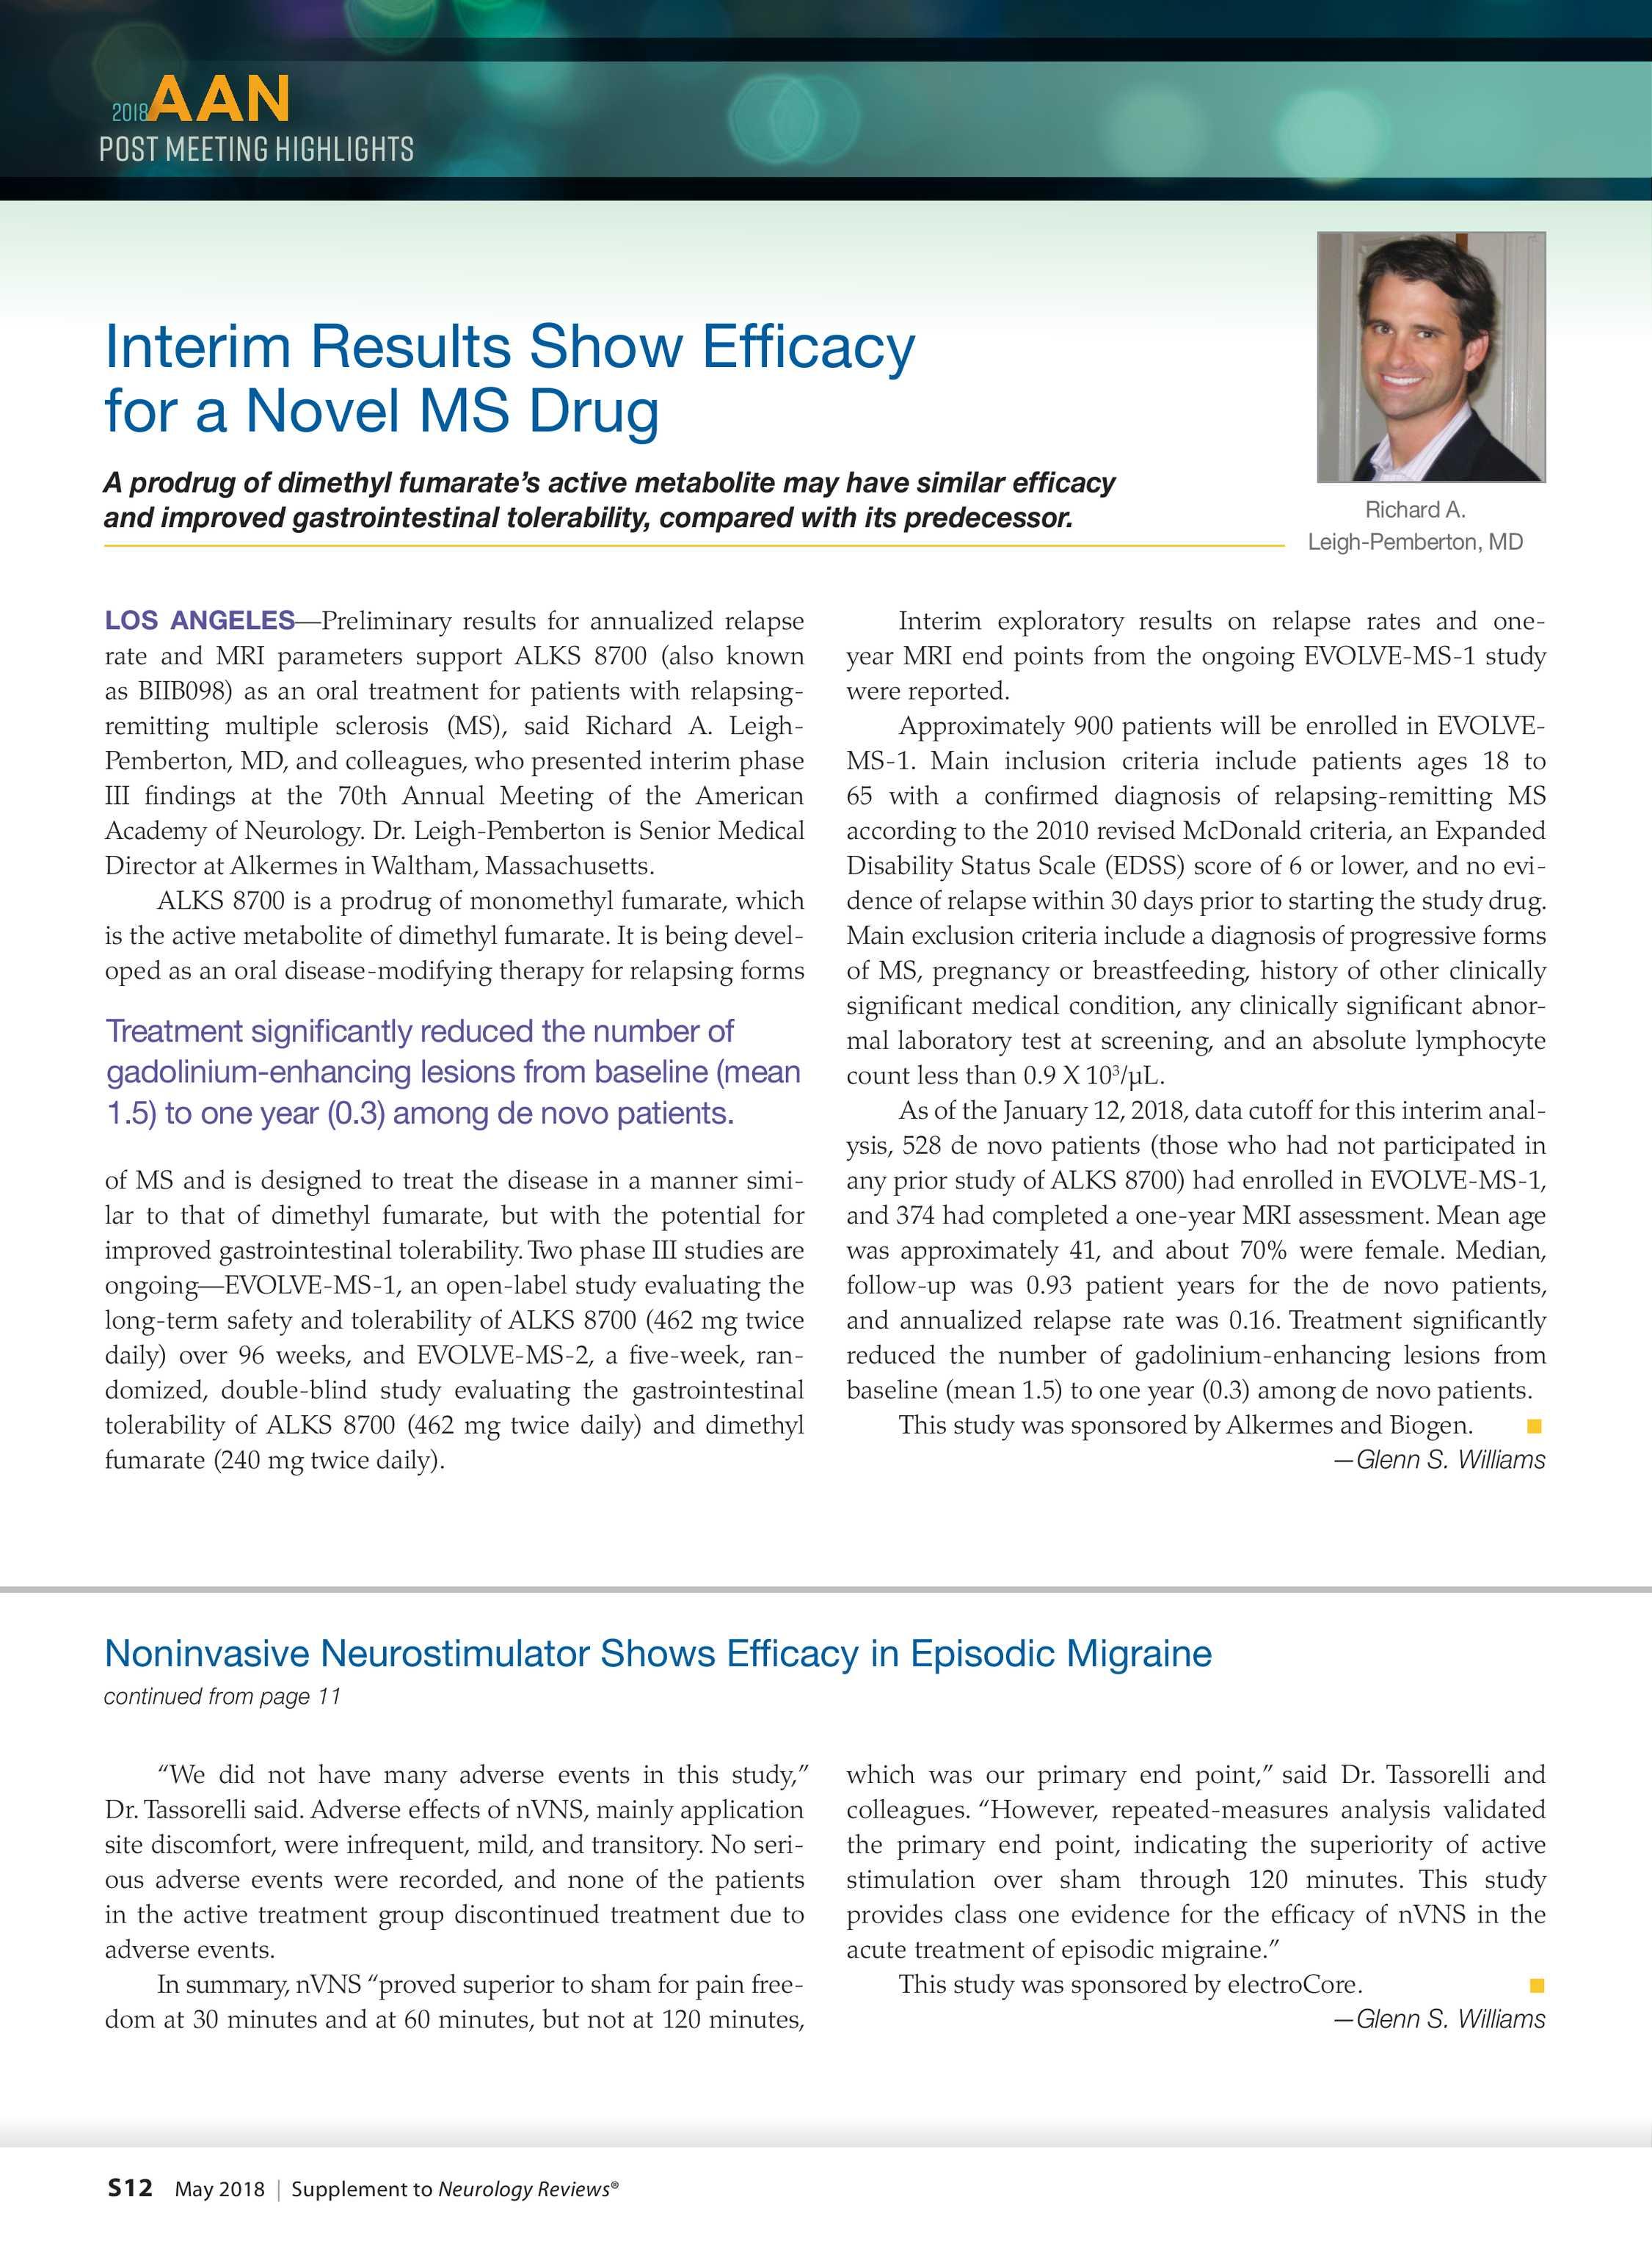 Neurology Reviews - NR AAN Post Meeting 0518 - page S12